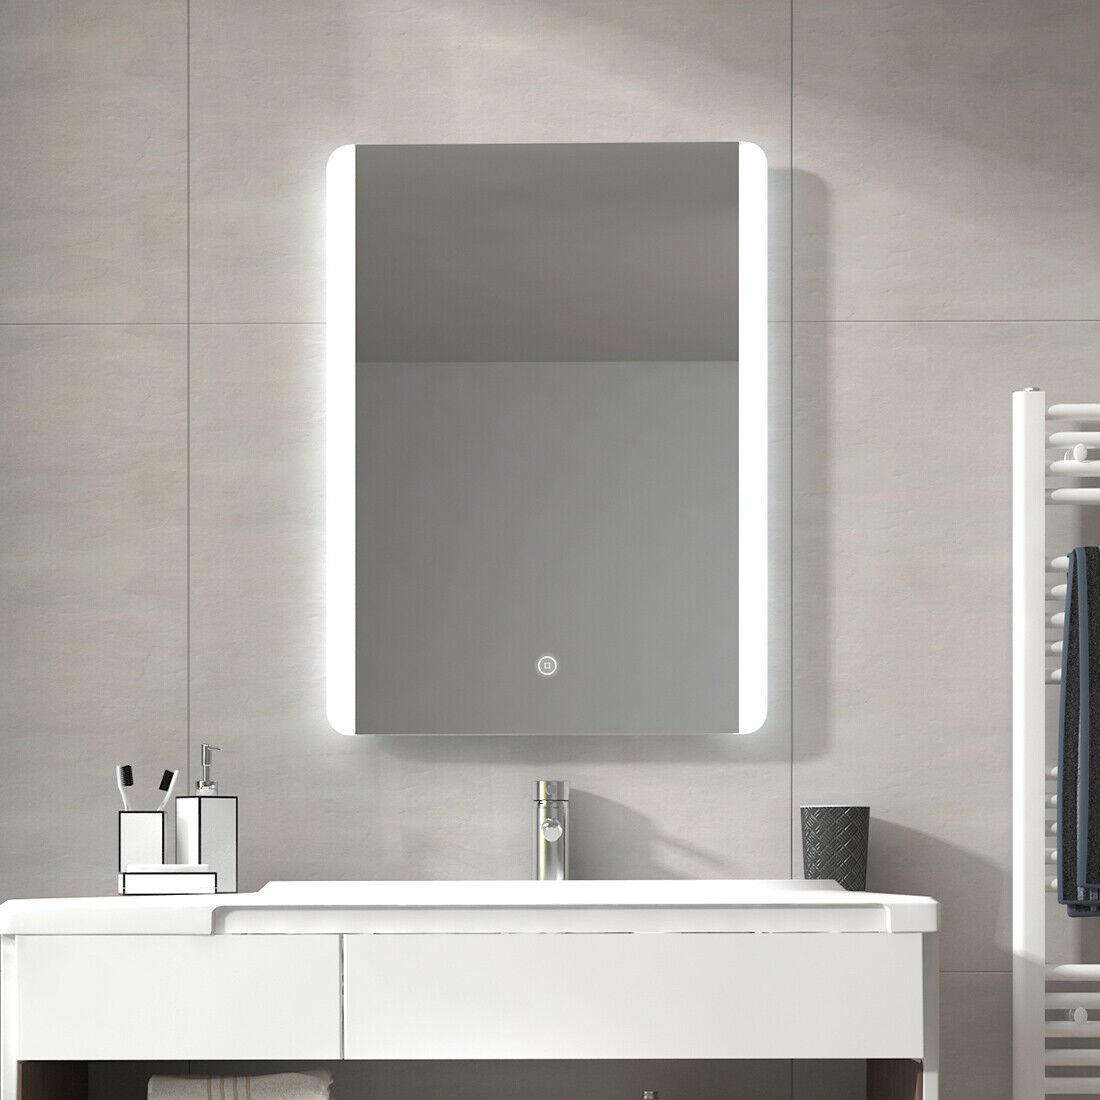 Bad Spiegel mit Beleuchtung Badezimmerspiegel LED Badspiegel Wandspiegel Touch